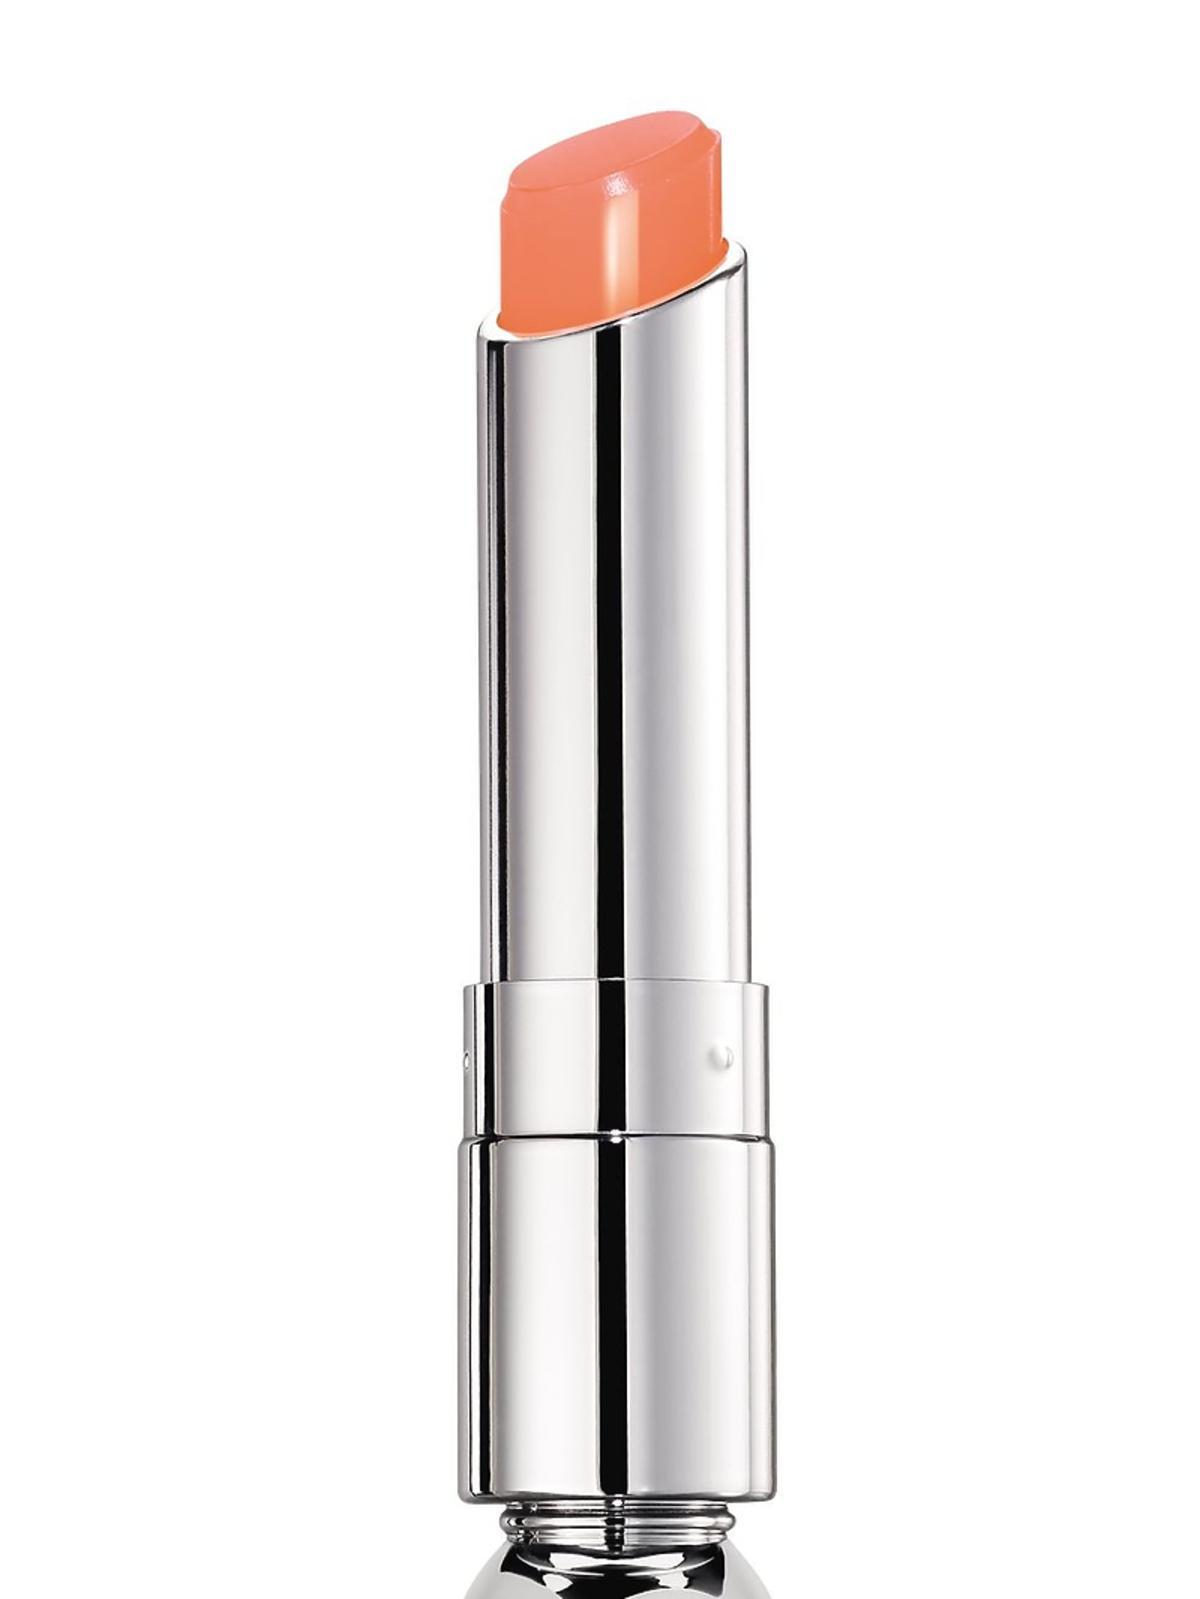 Pomadka Dior, Lip Glow w odcieniu Coral Glow, 119,99 zł